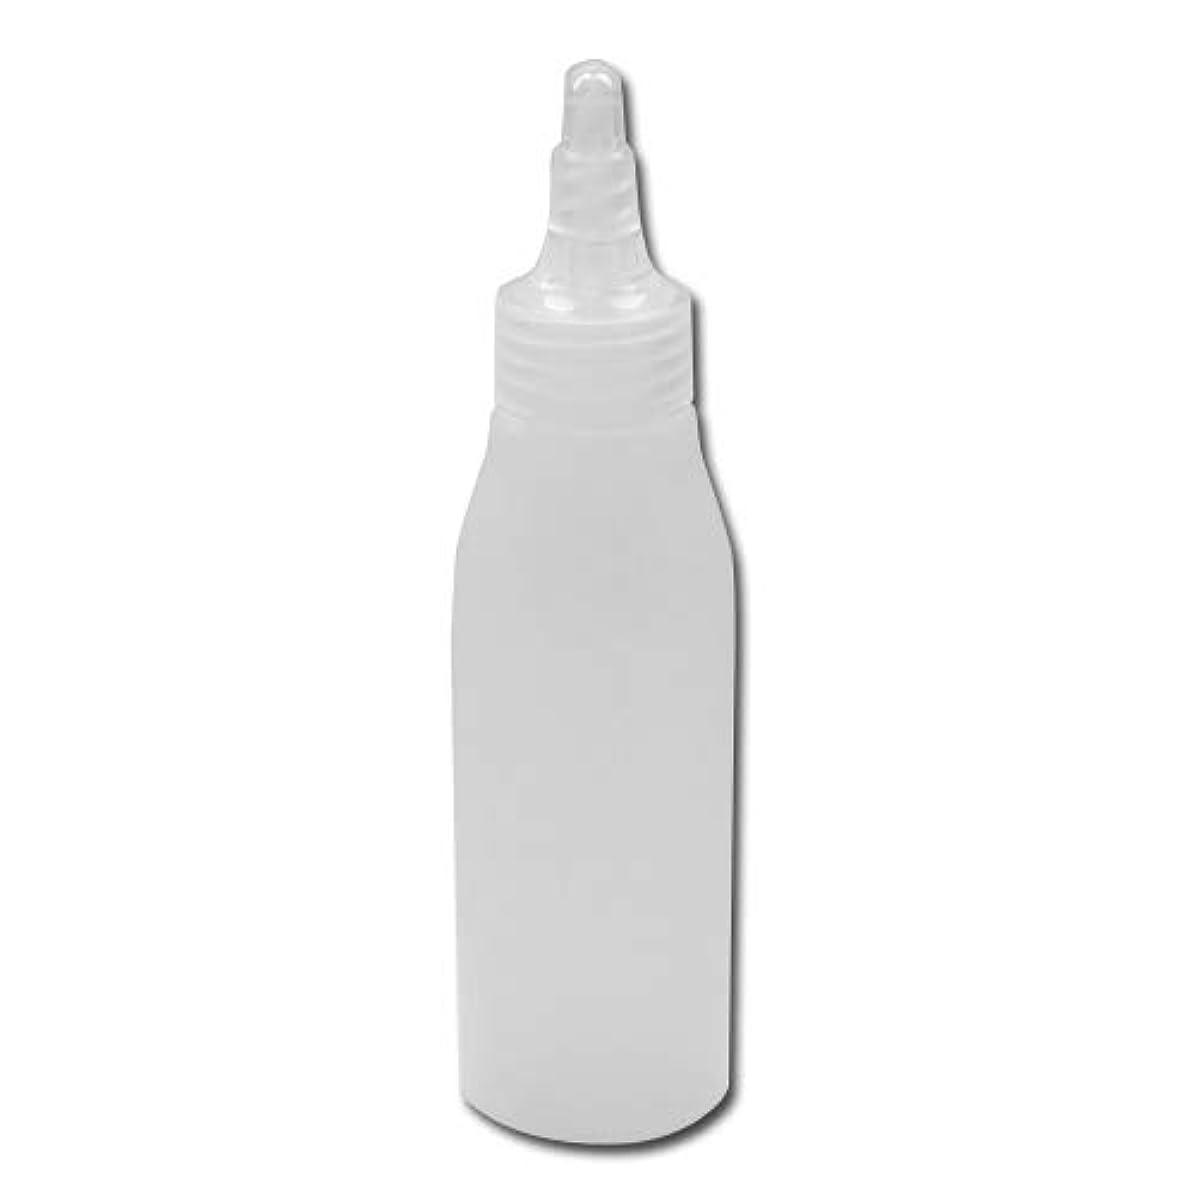 アクセルヒューマニスティックミリメートル詰め替え容器100ml 半透明 ツイストキャップ 滑らかなボトルライン ノズル式│シンプル ボディーソープ ローション等の詰替に 小分け 化粧品